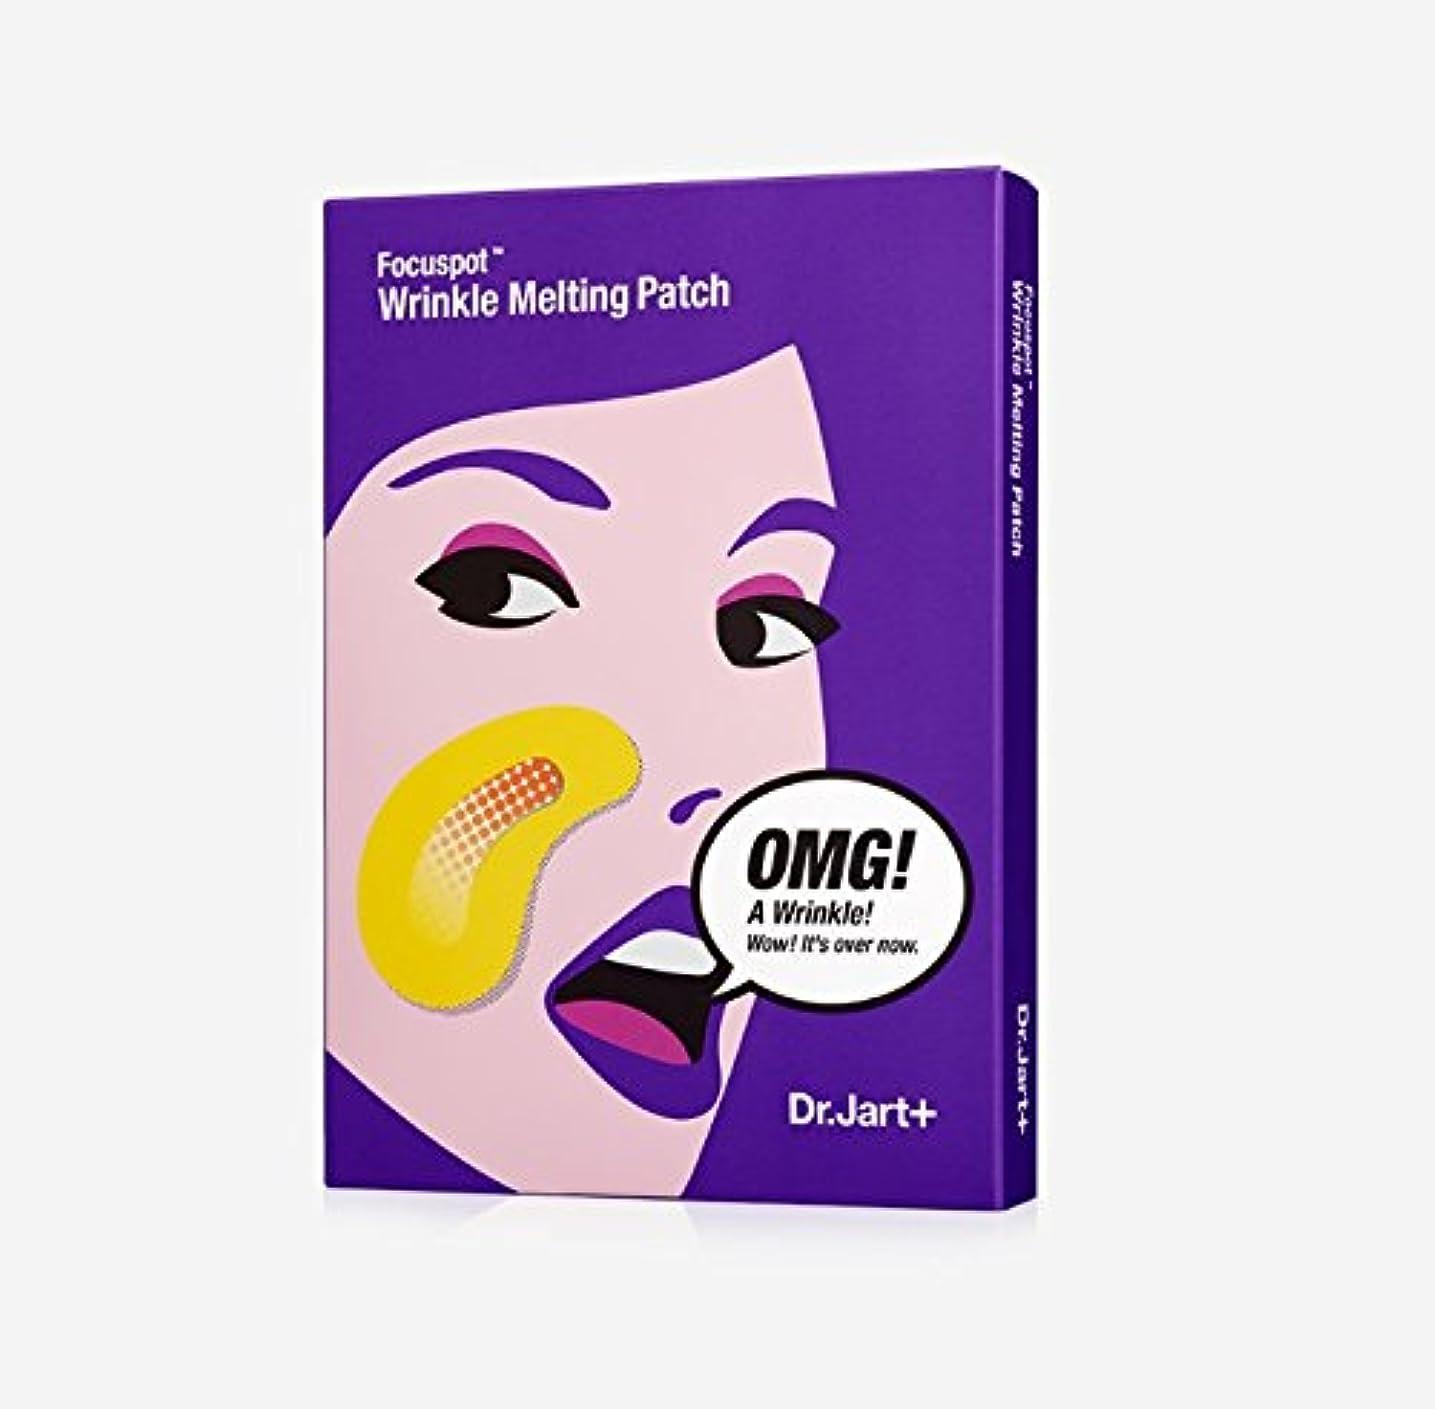 覚醒淡いチップ[Dr.Jart+] ドクタージャルトゥ ポーカースポット リンクル メルティング パッチ 5回分/Focuspot Wrinkle Melting Patch [並行輸入品]